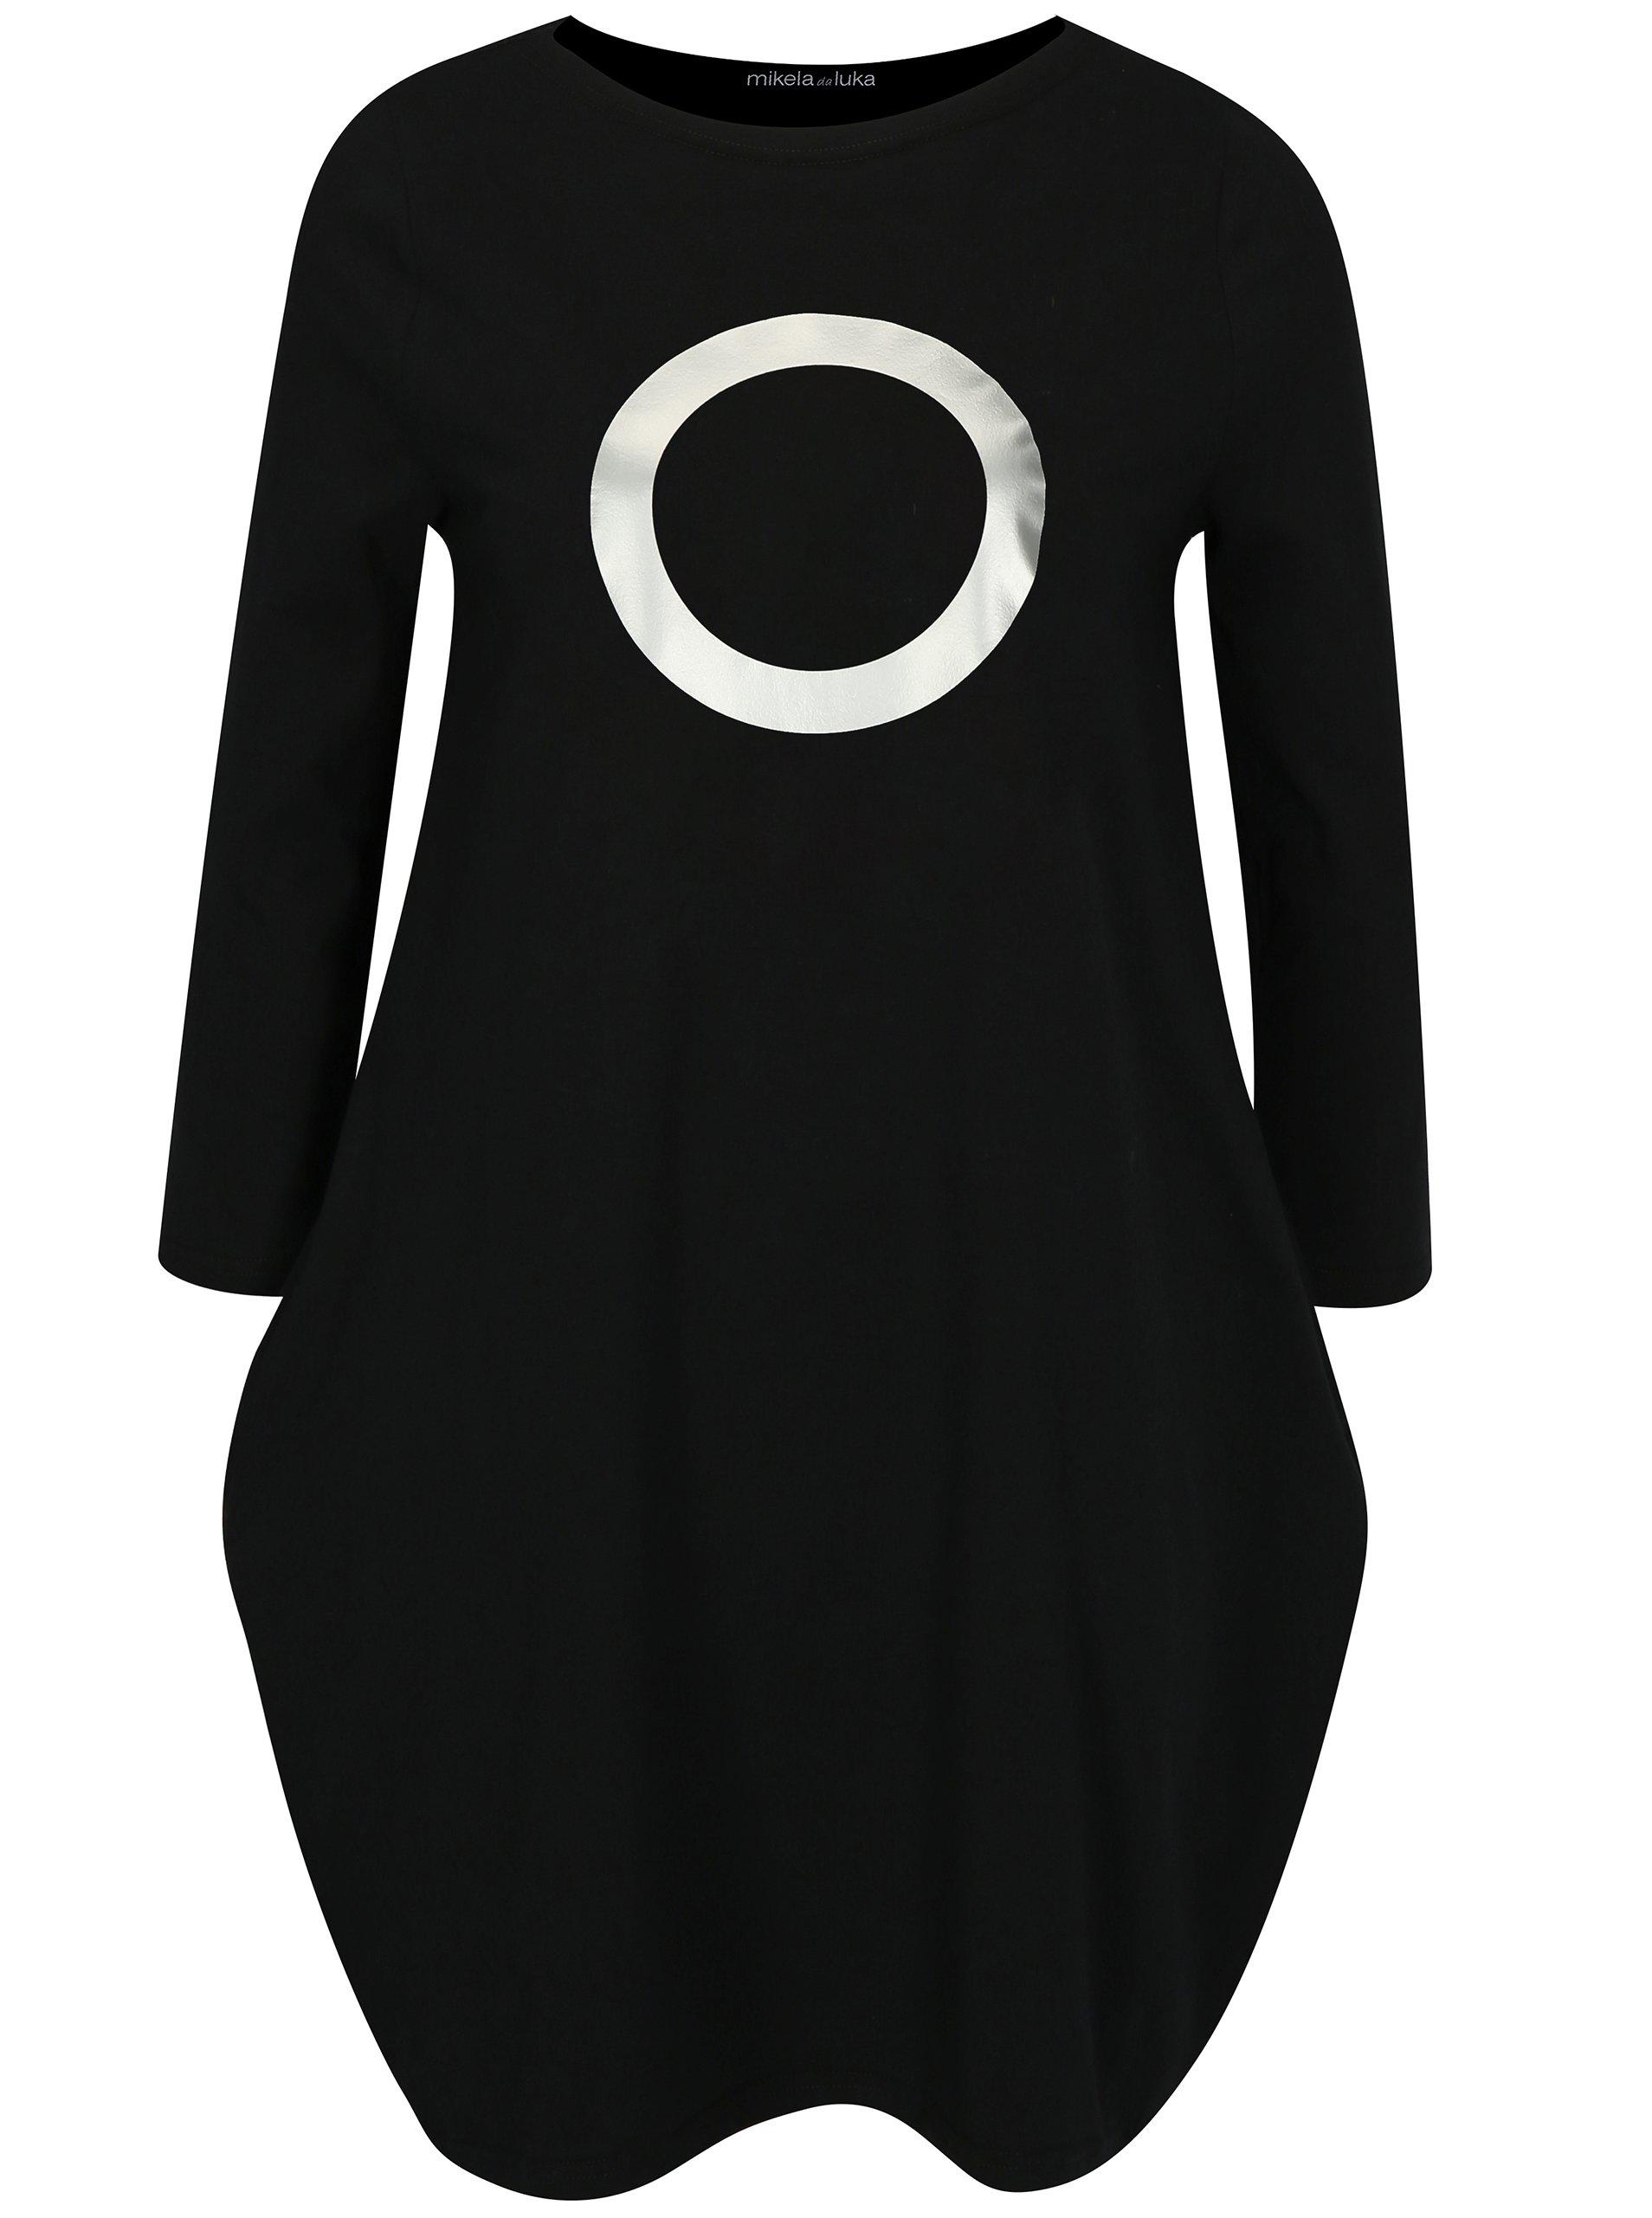 Černé balónové šaty s potiskem ve stříbrné barvě Mikela da Luka